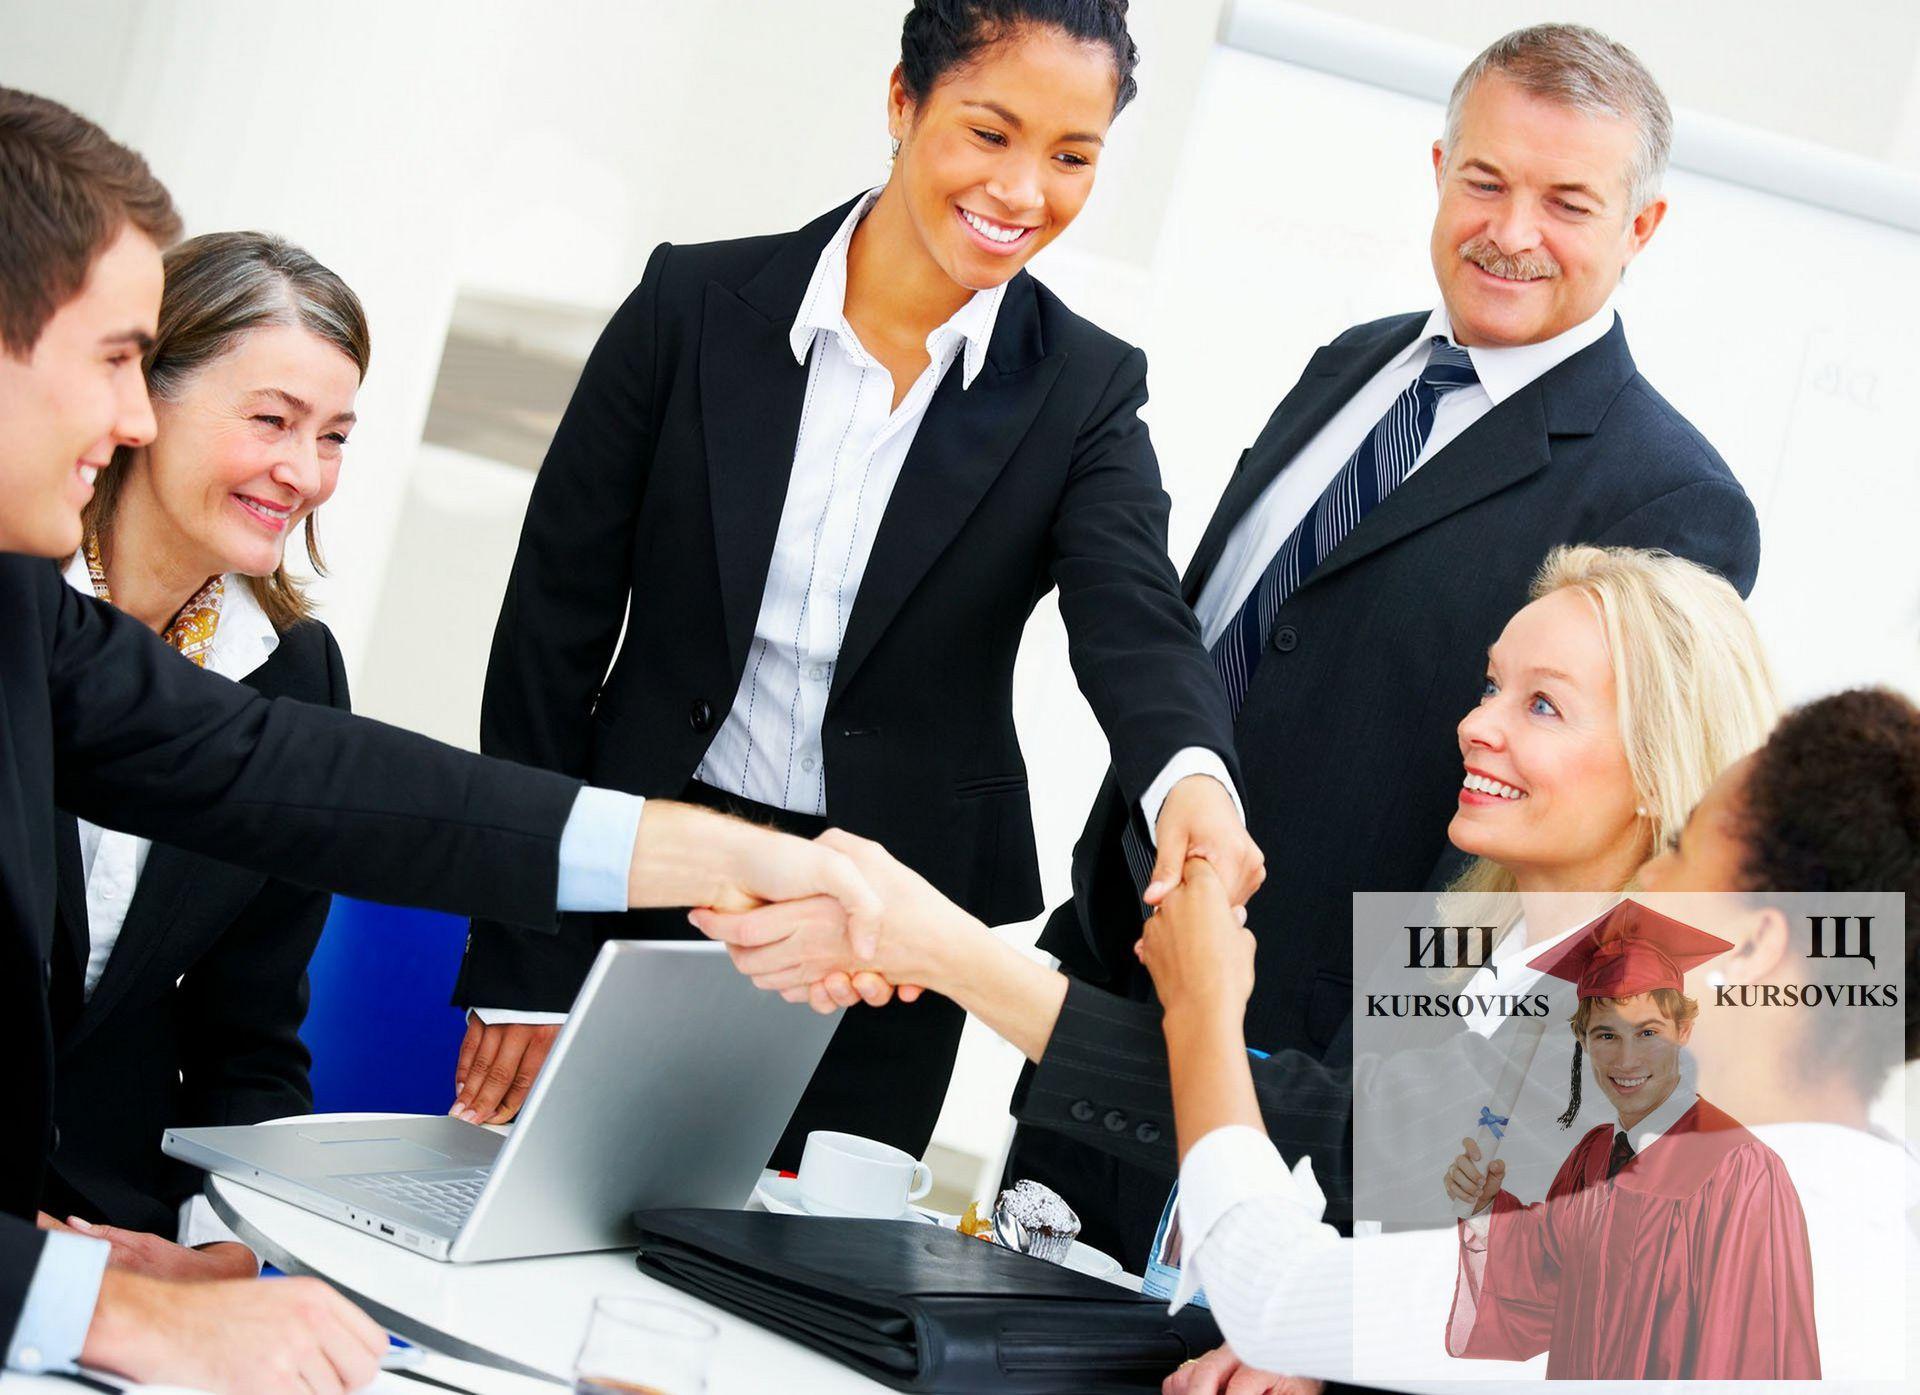 бракосочетания этика бизнеса и делового общения образца заявления